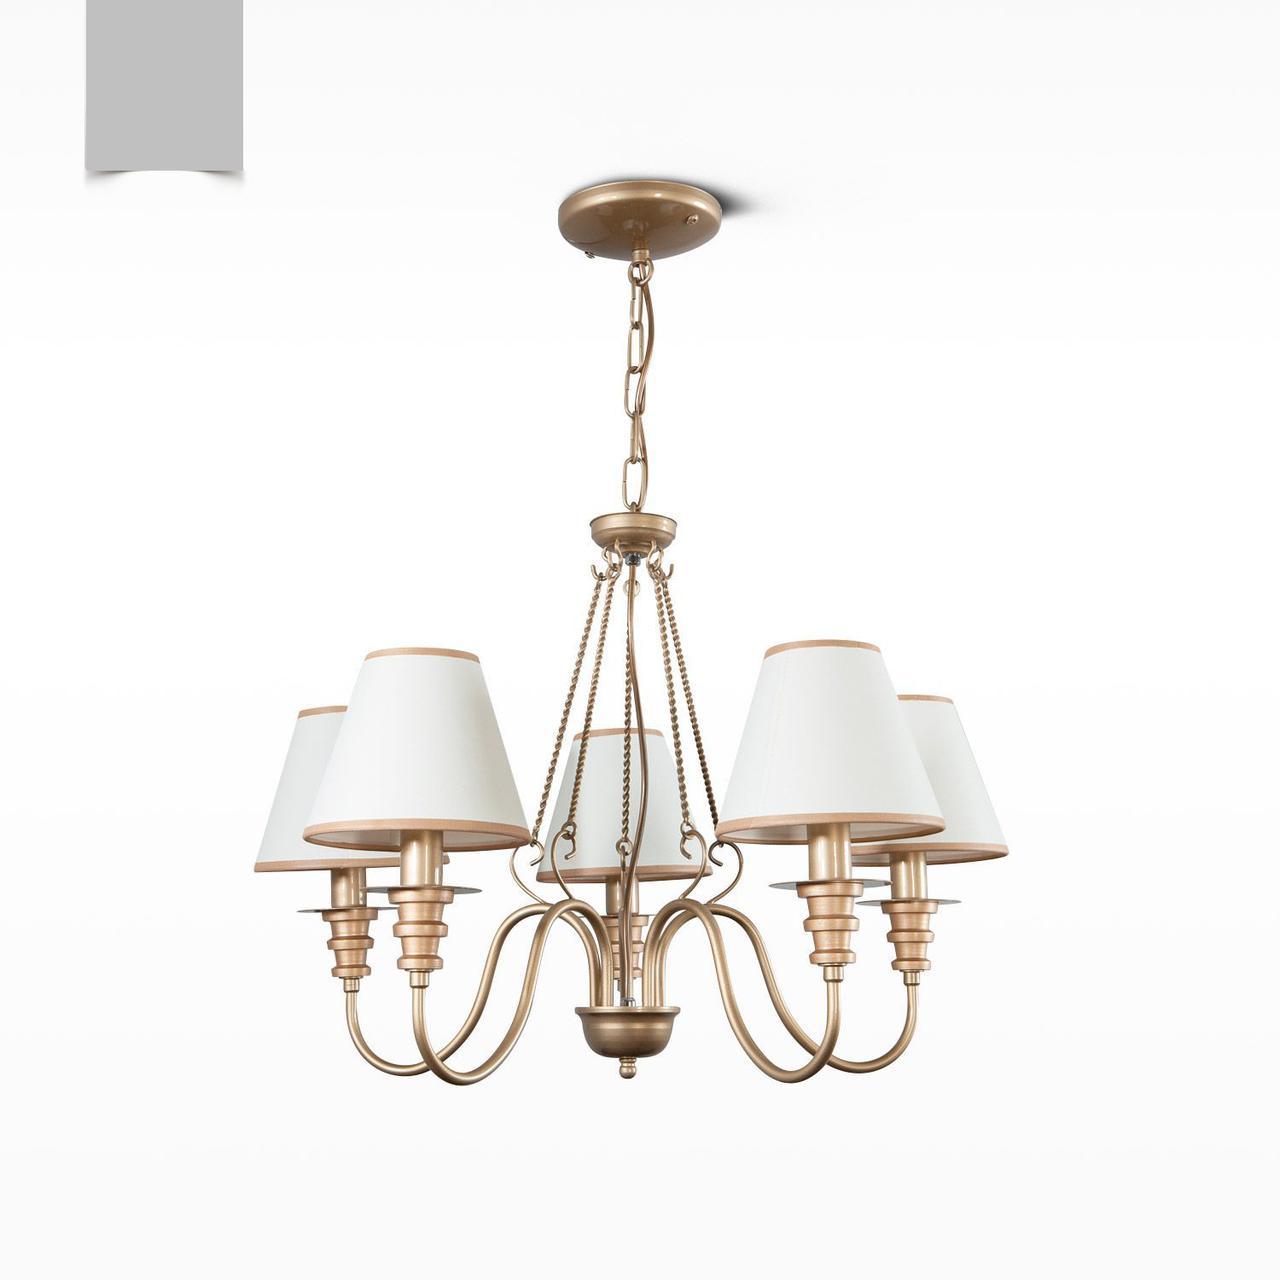 Люстра 5-ти ламповая с абажурами для зала, спальни 12355-3